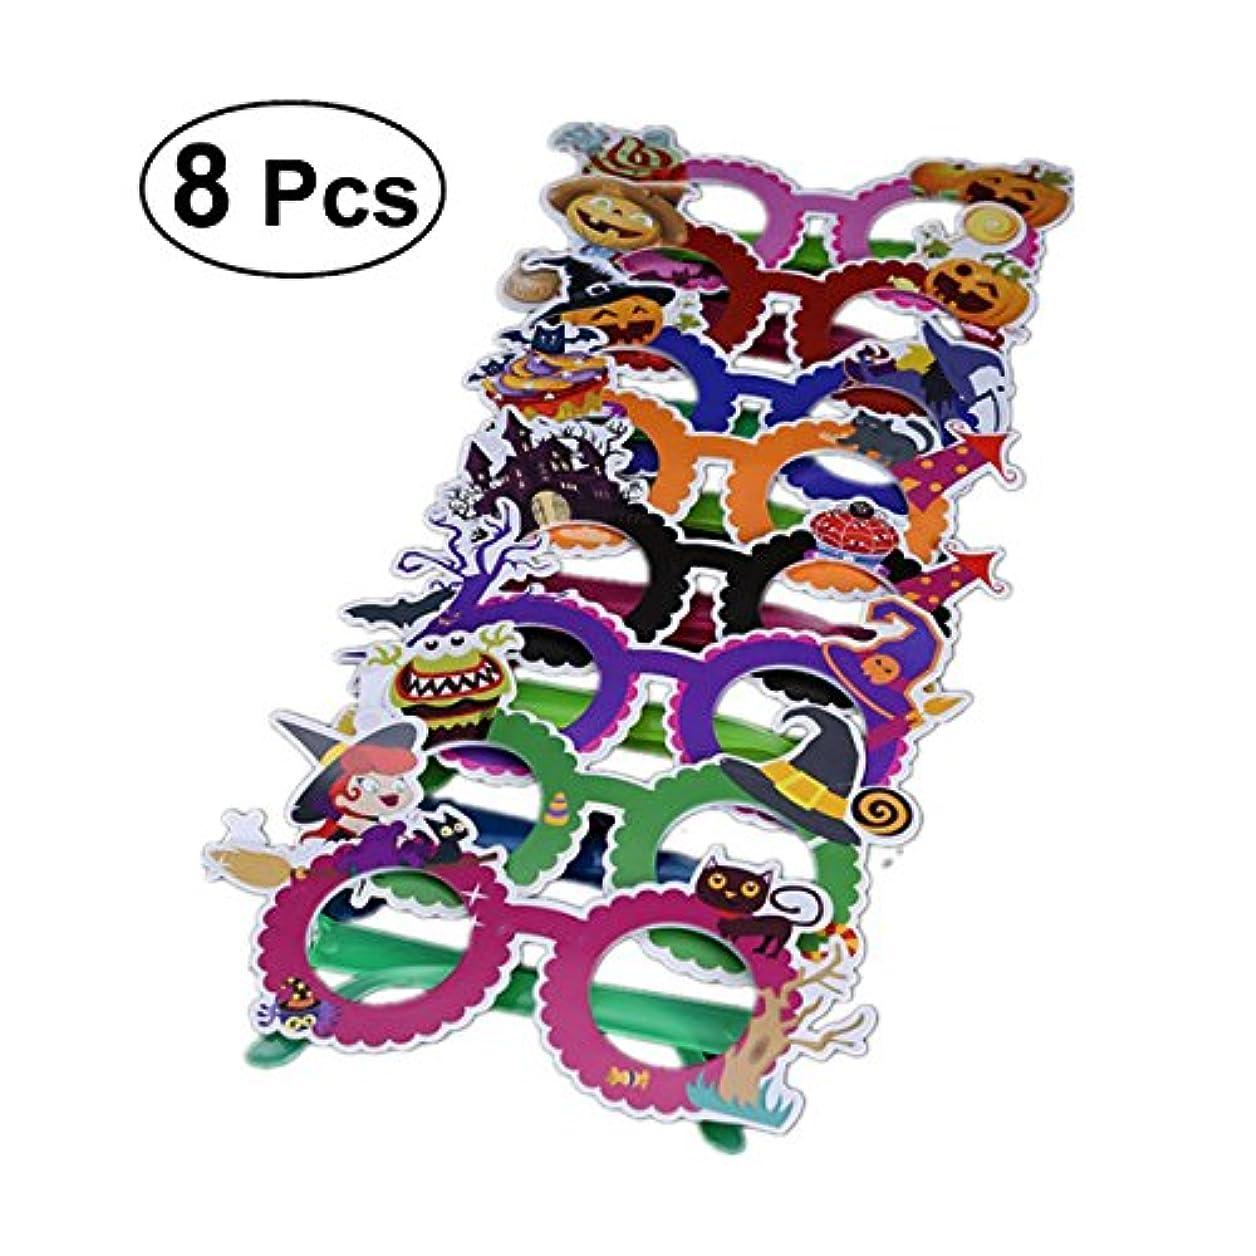 犠牲入口敬意を表するWINOMO パーティーメガネ ハロウィン眼鏡 漫画 面白い 樹脂 コスプレ小道具 8個入り